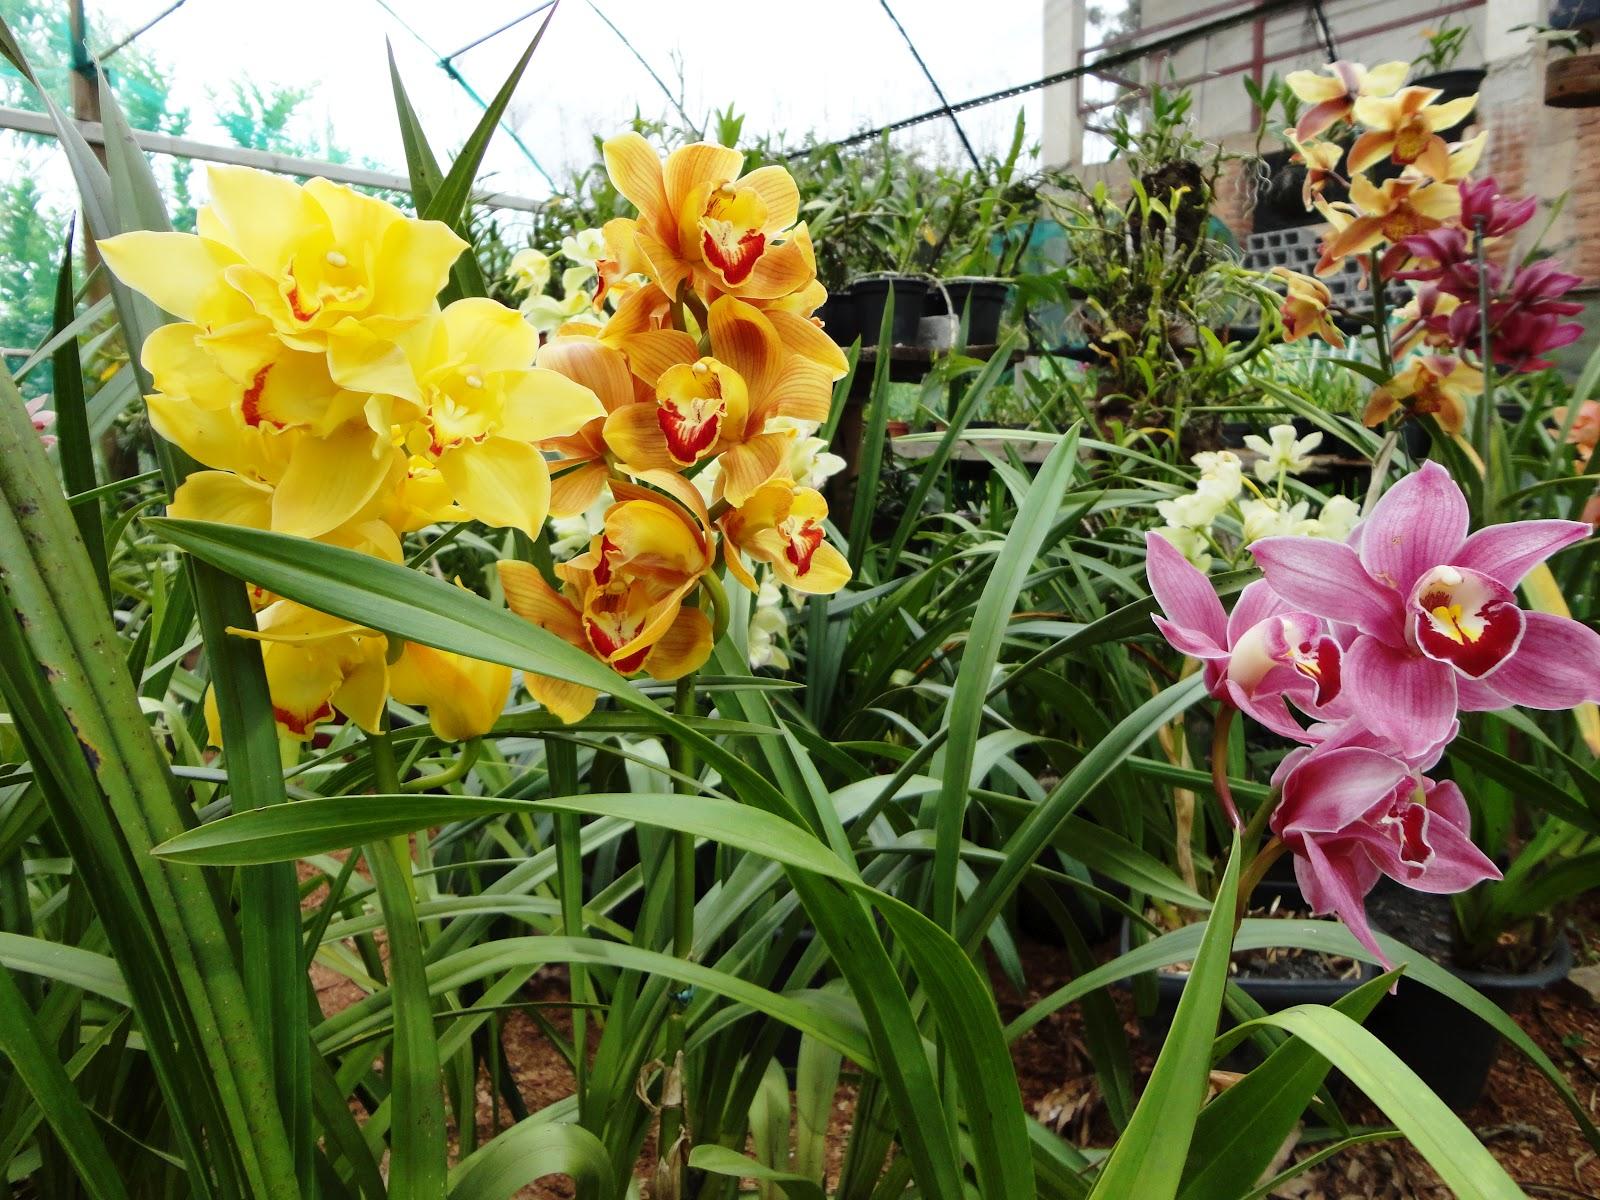 Estas Orquídeas cuentan con pseudobulbos, que son pequeñas estructuras compactas formadas básicamente por tejidos de reserva y de los que dependen tanto las